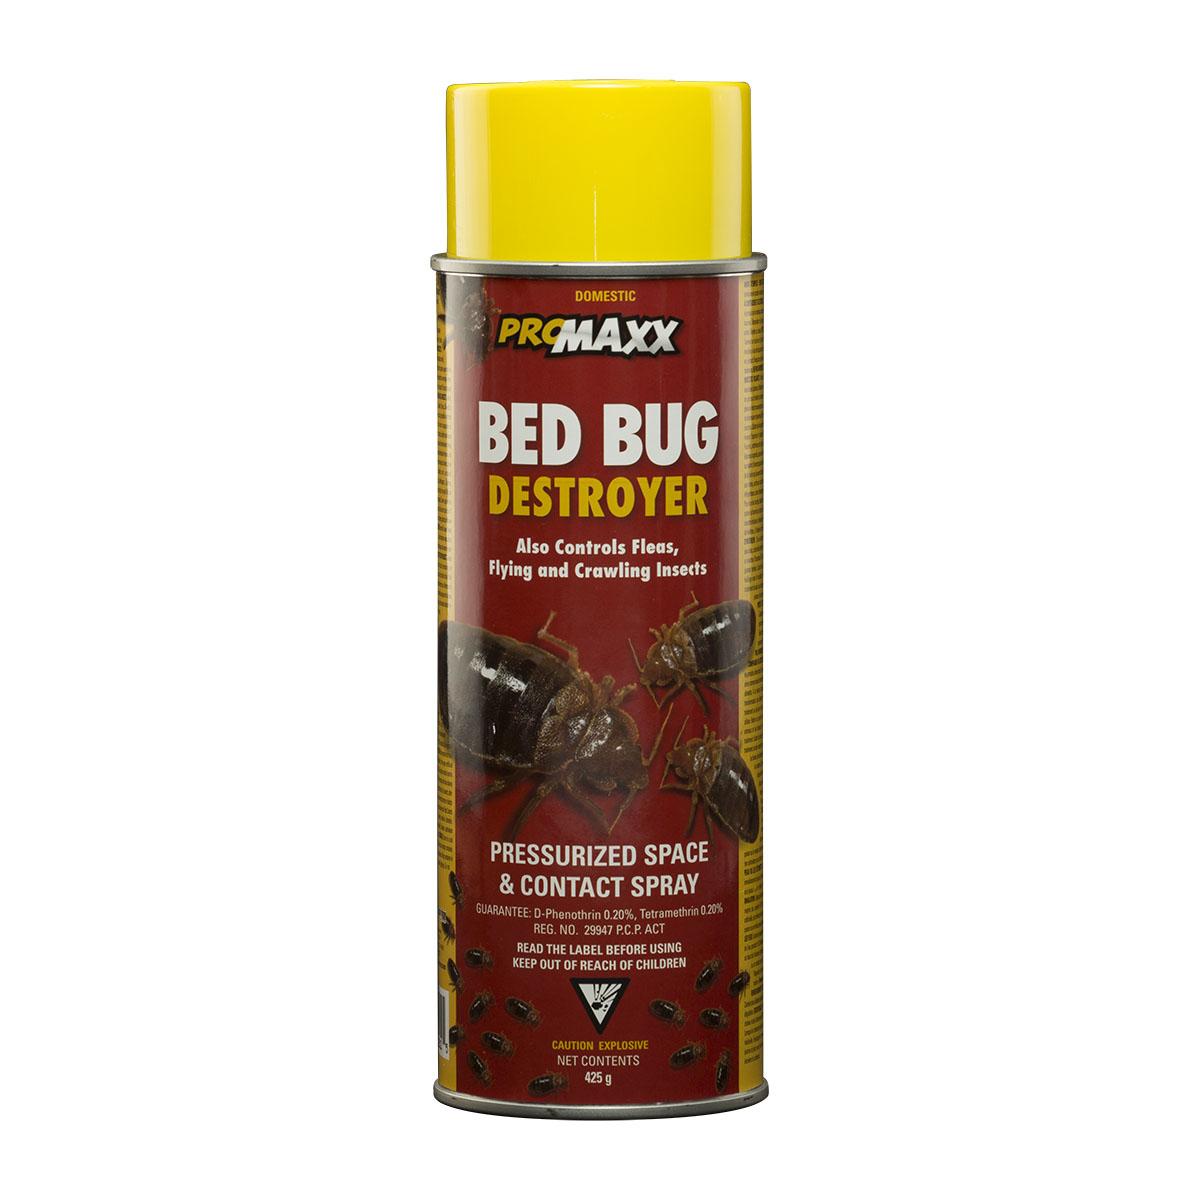 Bed Bug Destroyer Les Produits De Contrôle Supérieurs